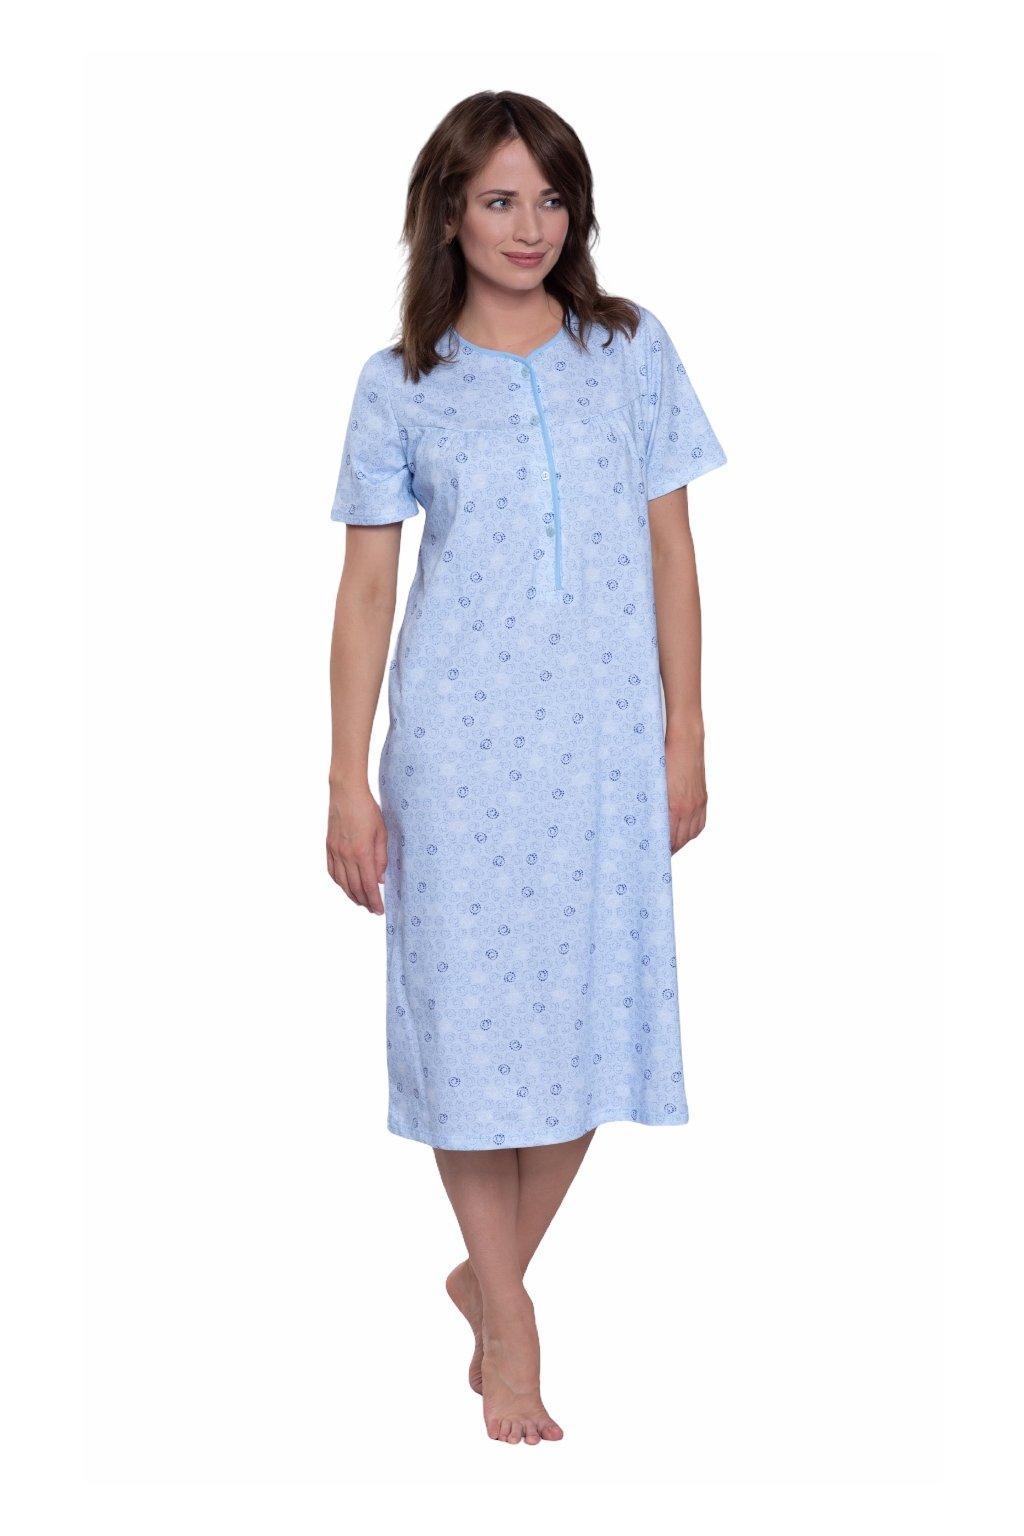 Dámská noční košile s krátkým rukávem, 104232 498, modrá